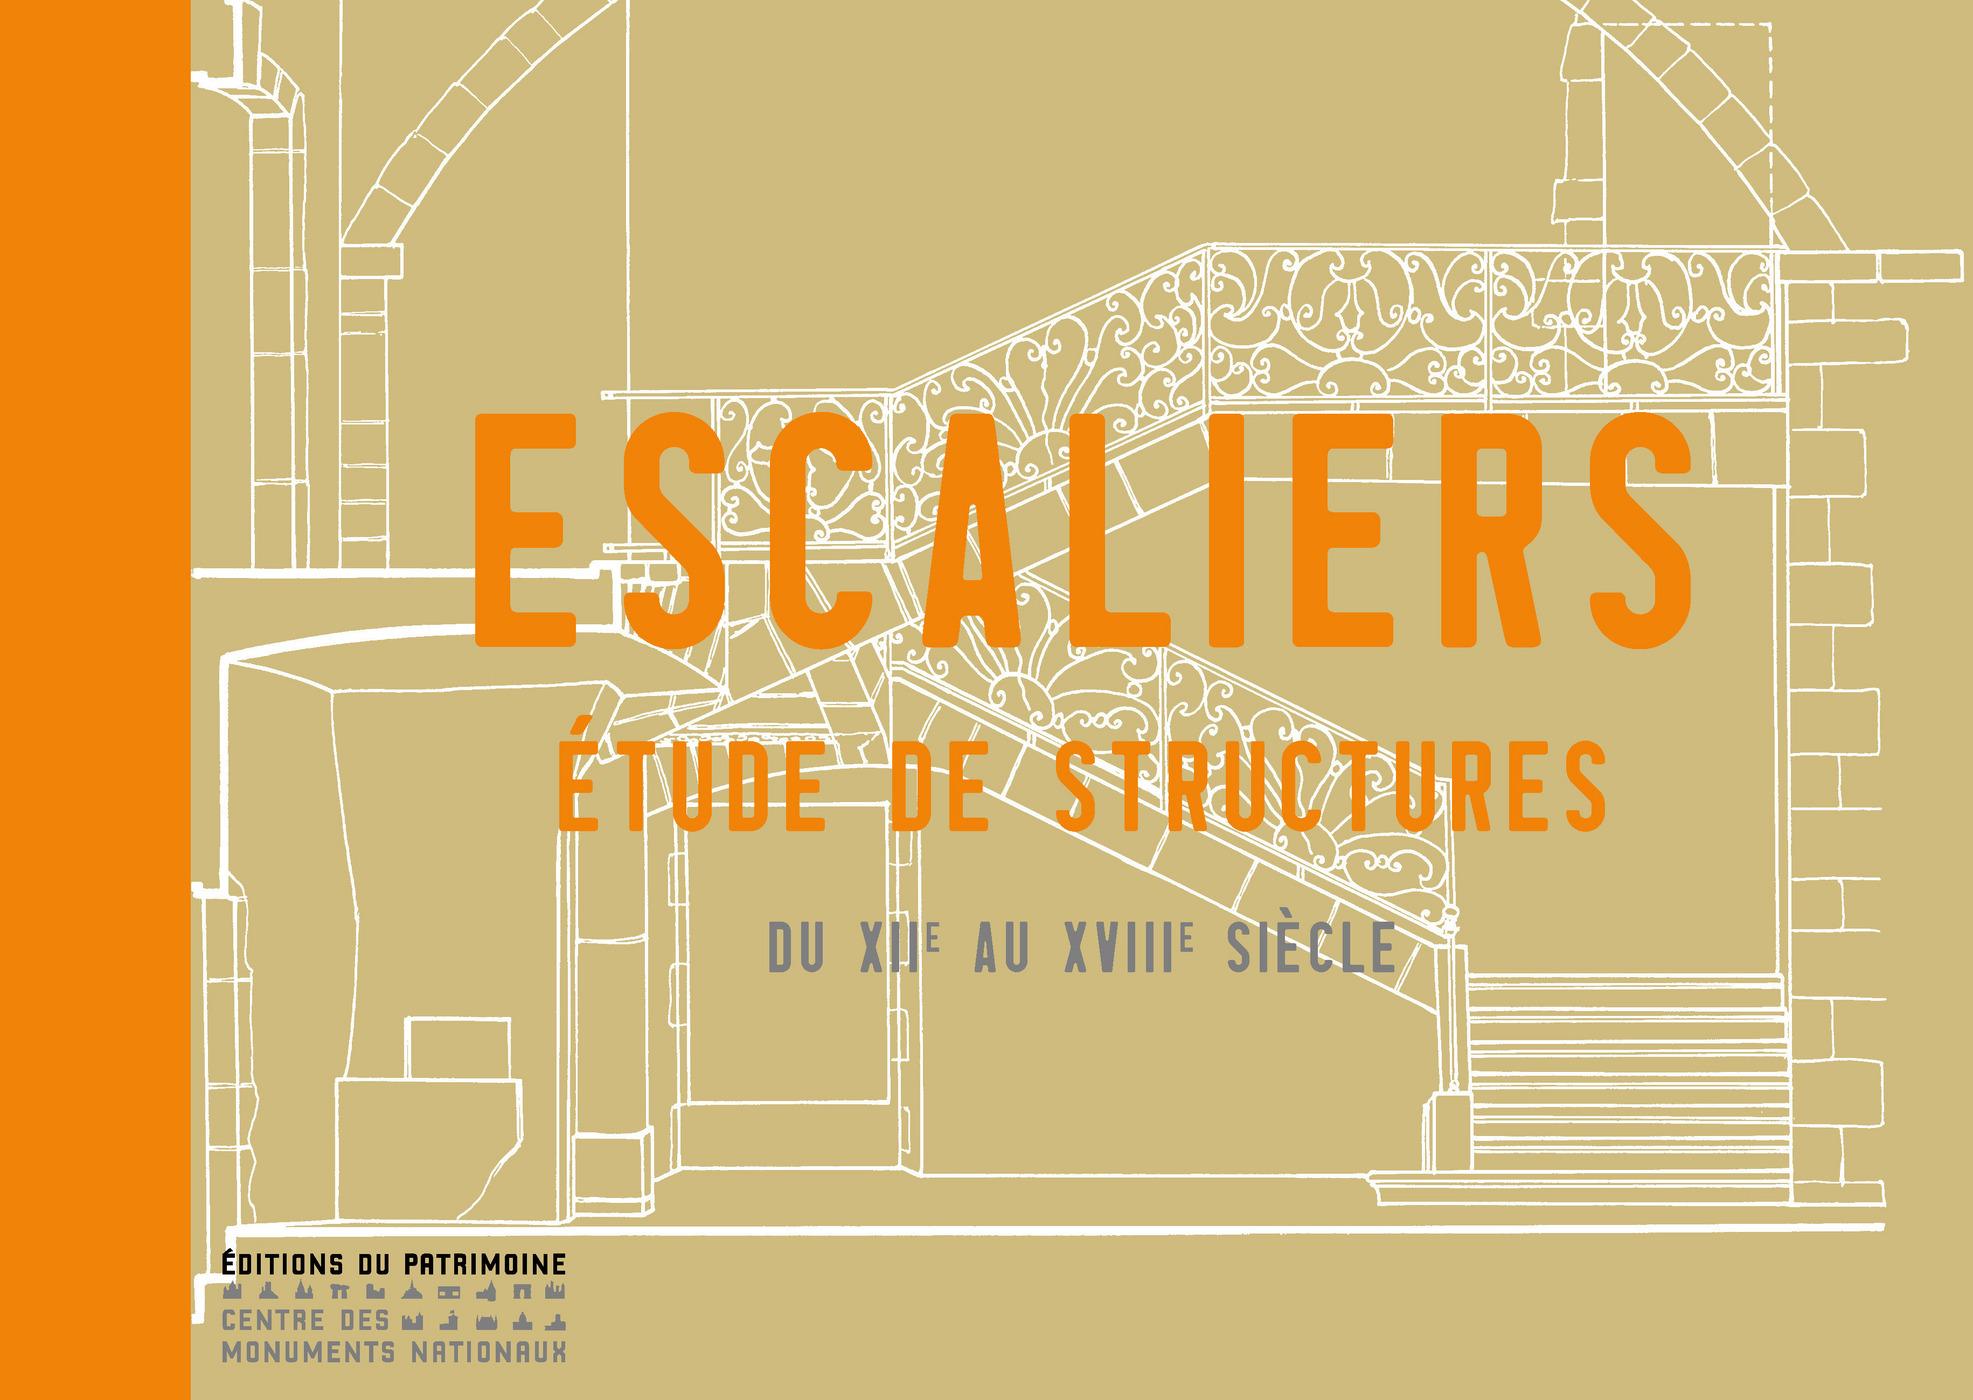 Escaliers - Etude de struct...